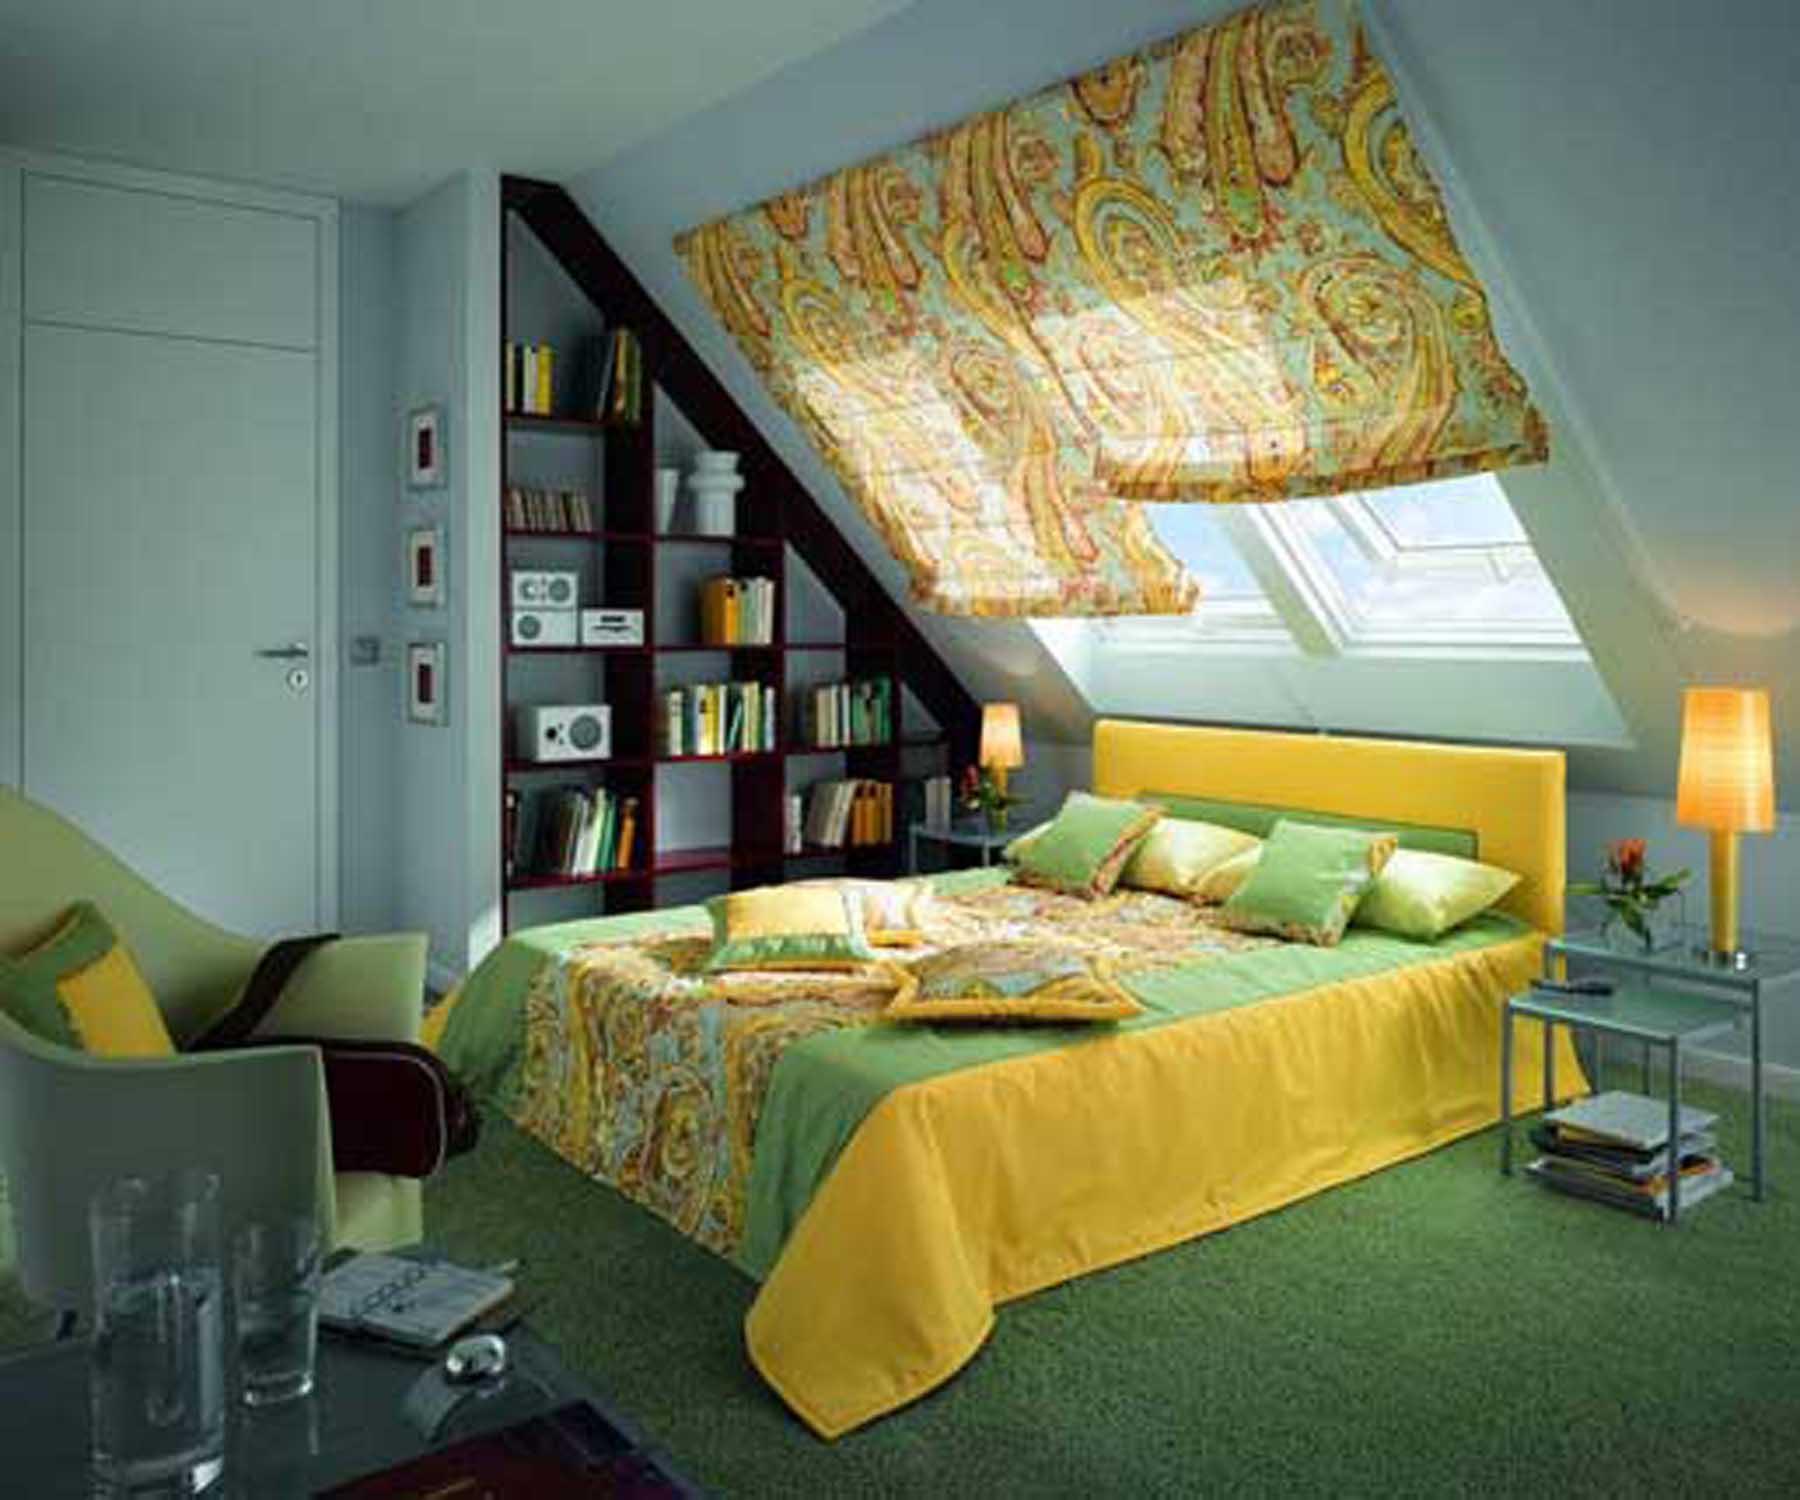 выпуска песни детская комната со скошенным потолком интерьер Сонника Миллера: Увидеть